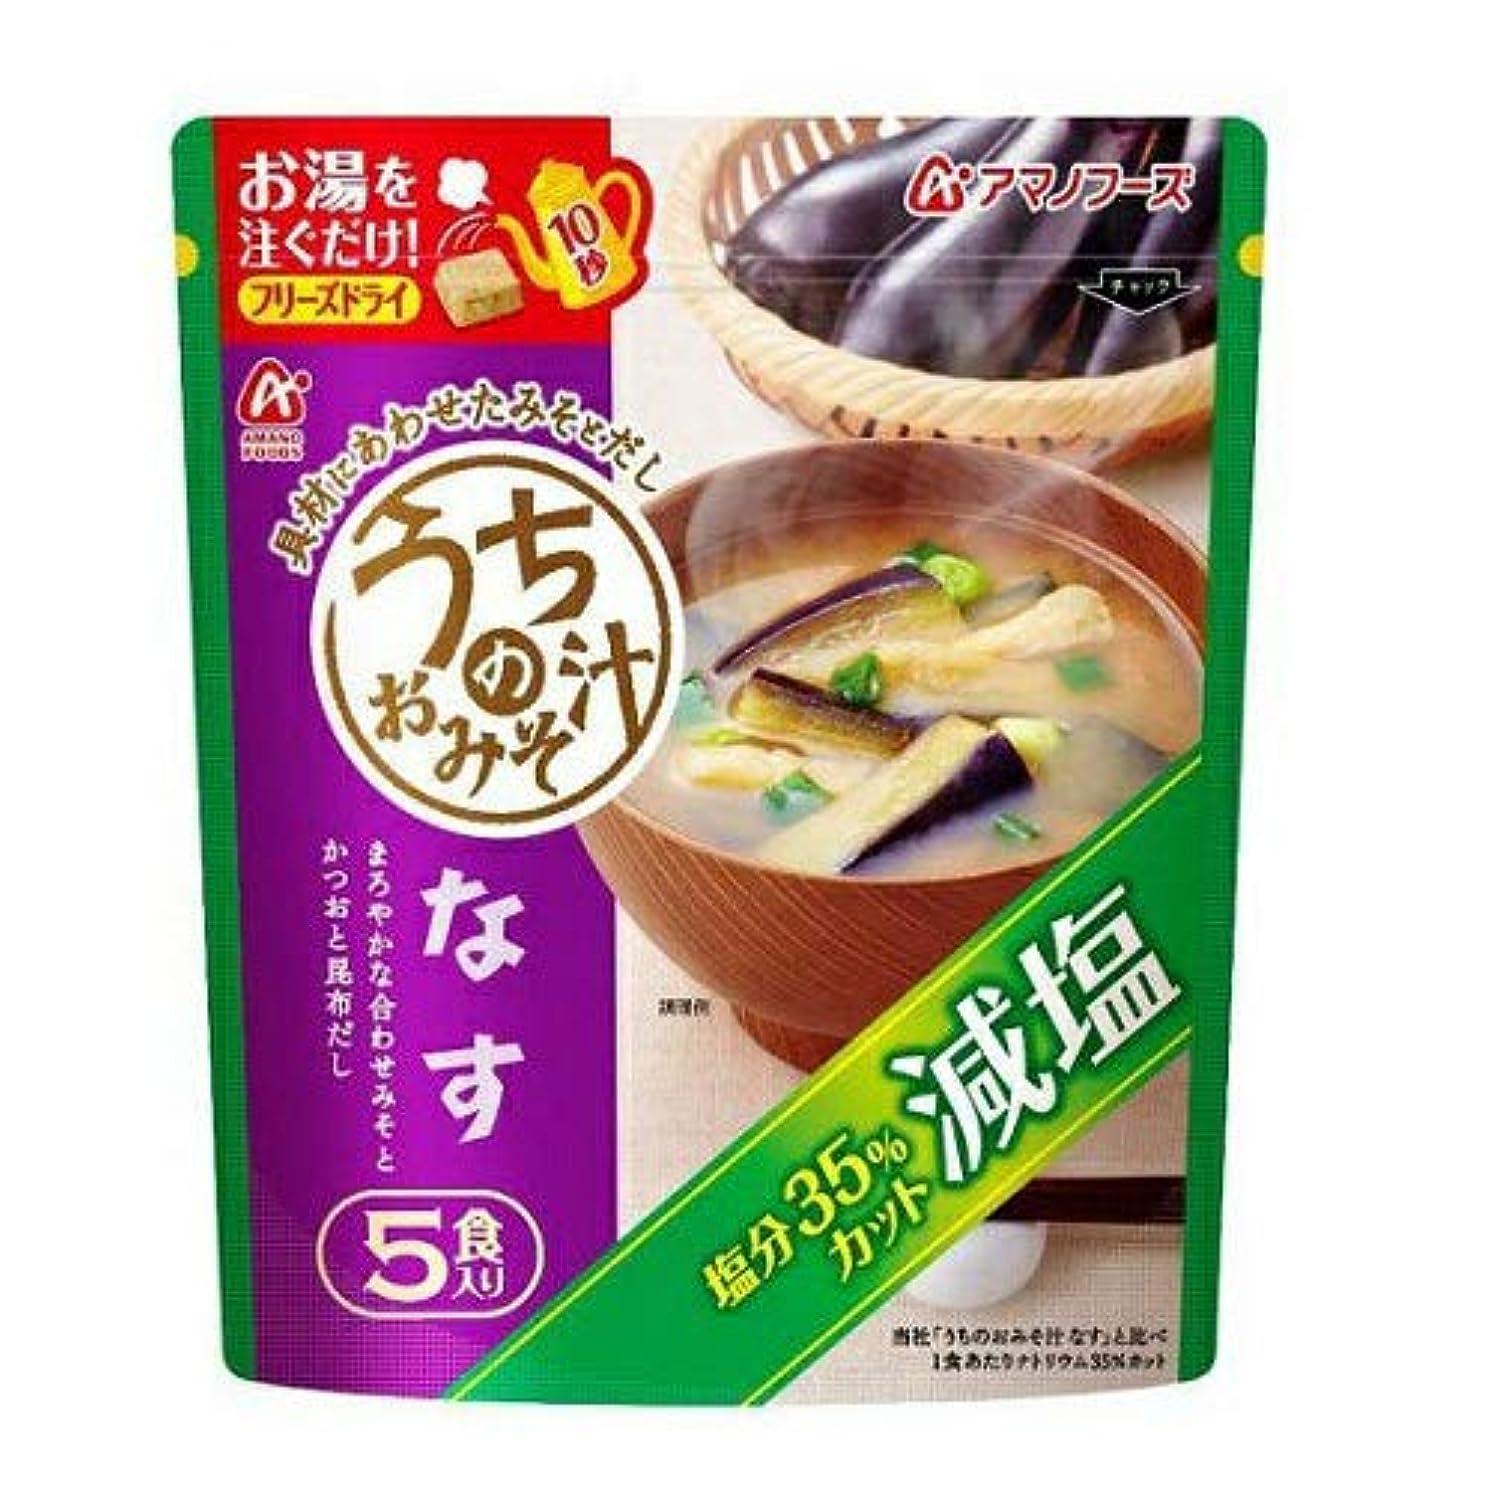 慣れる兵隊メンタリティアサヒグループ食品 アマノフーズ インスタント 減塩うちのおみそ汁 なす 5食入